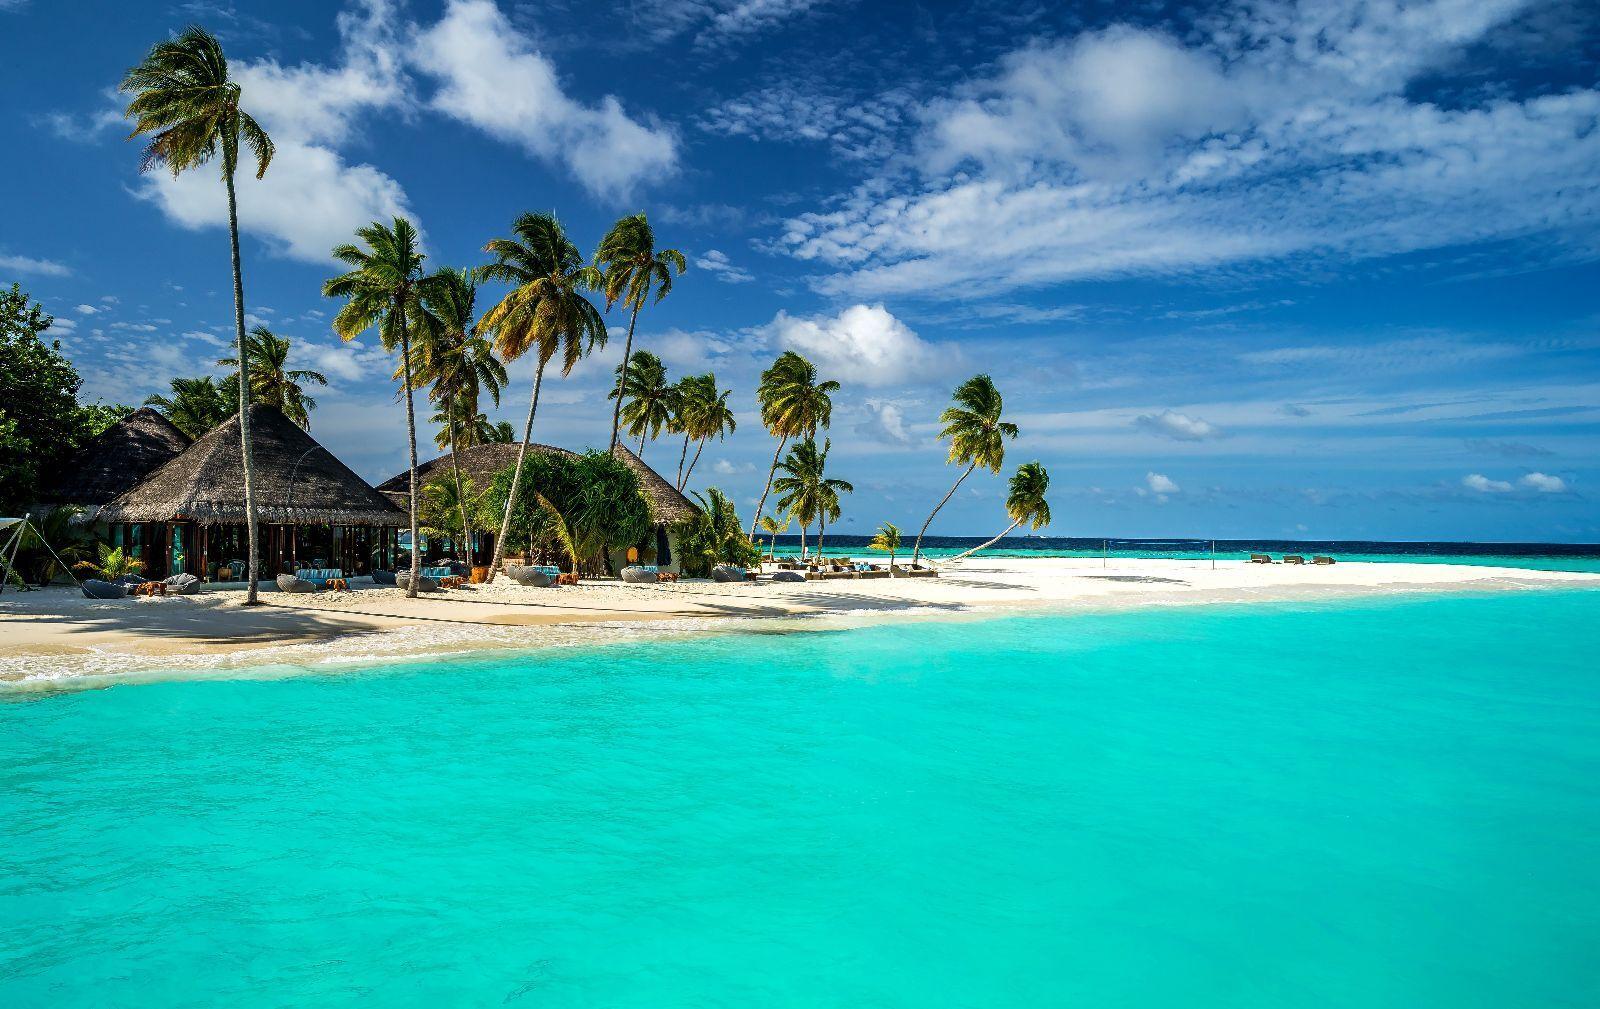 Всем туристам и даже детям нужно предъявить негативный ПЦР-тест для перелета на Мальдивы.